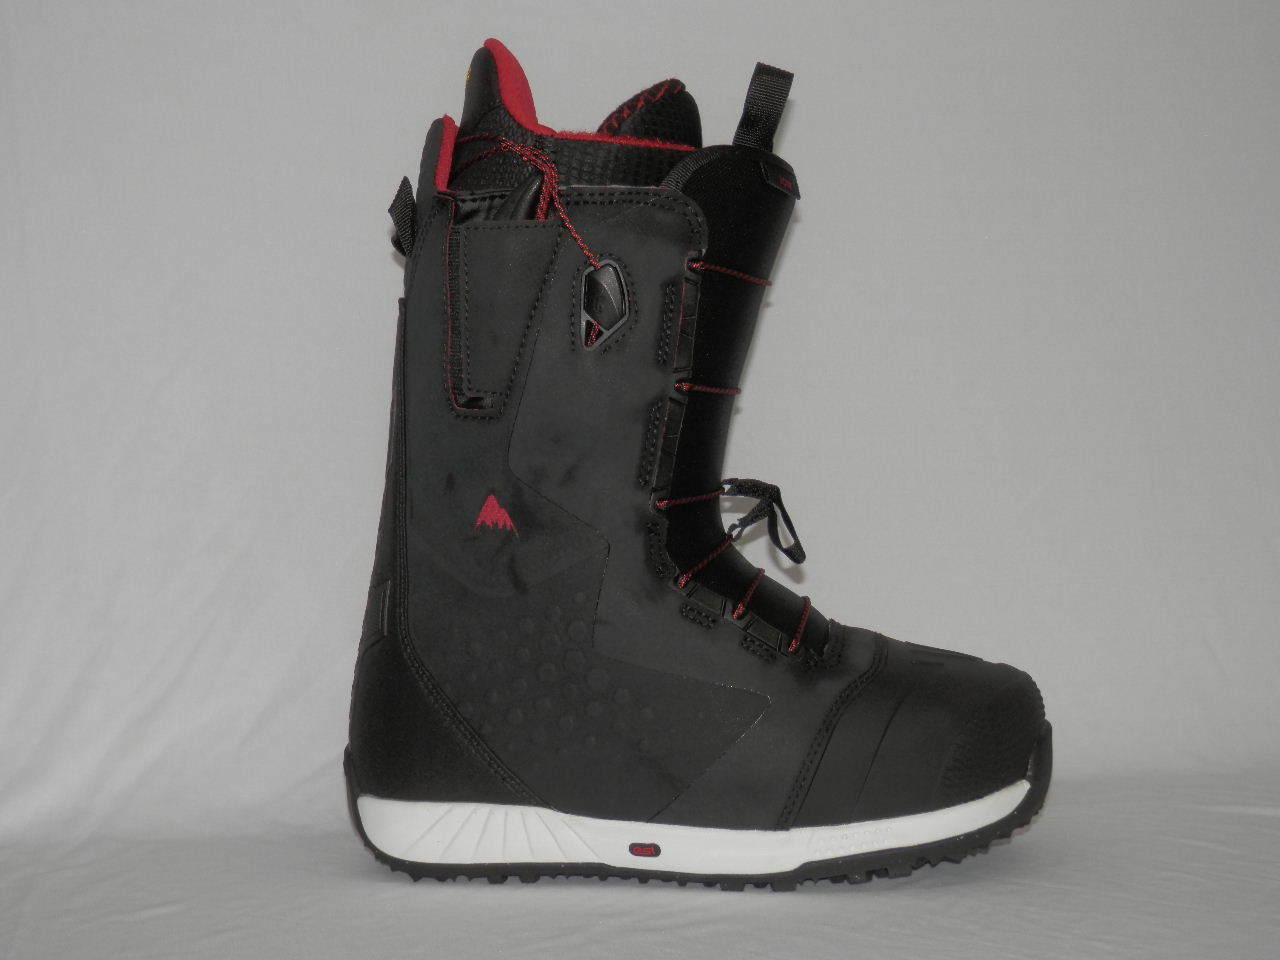 2018年モデル Burton Ion Asianfit Black/Red 正規品につき1年間のメーカー保証付き